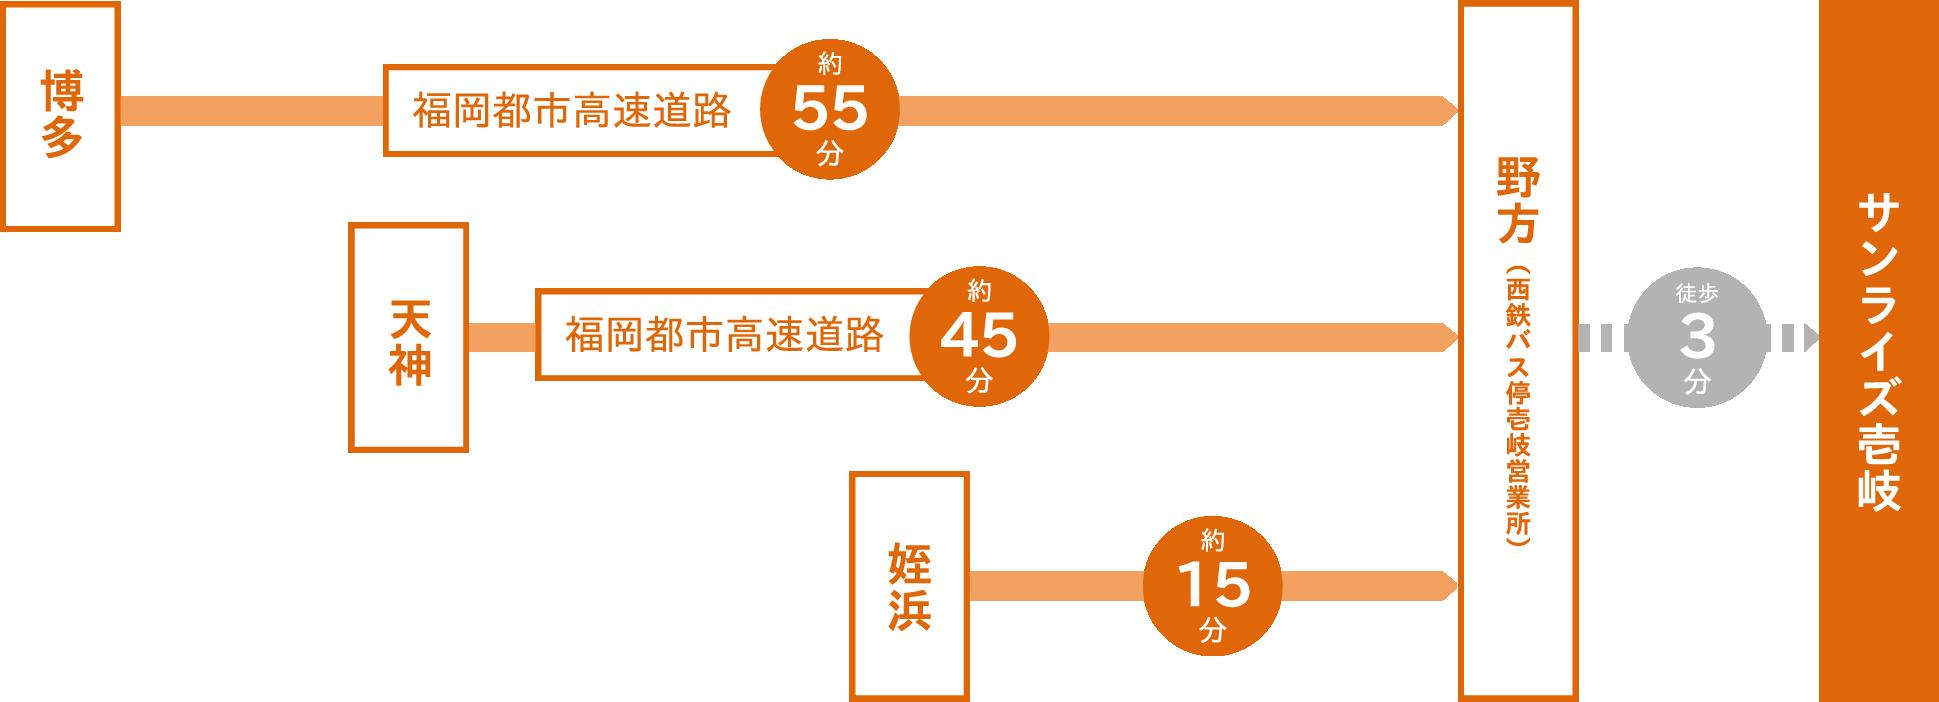 バスでサンライズ壱岐までの所要時間:博多から福岡市都市高速道路経由で約55分。天神から福岡市都市高速道路経由で約45分。姪浜から約15分。野方(西鉄バス停壱岐営業所)でバスを下車して徒歩3分。